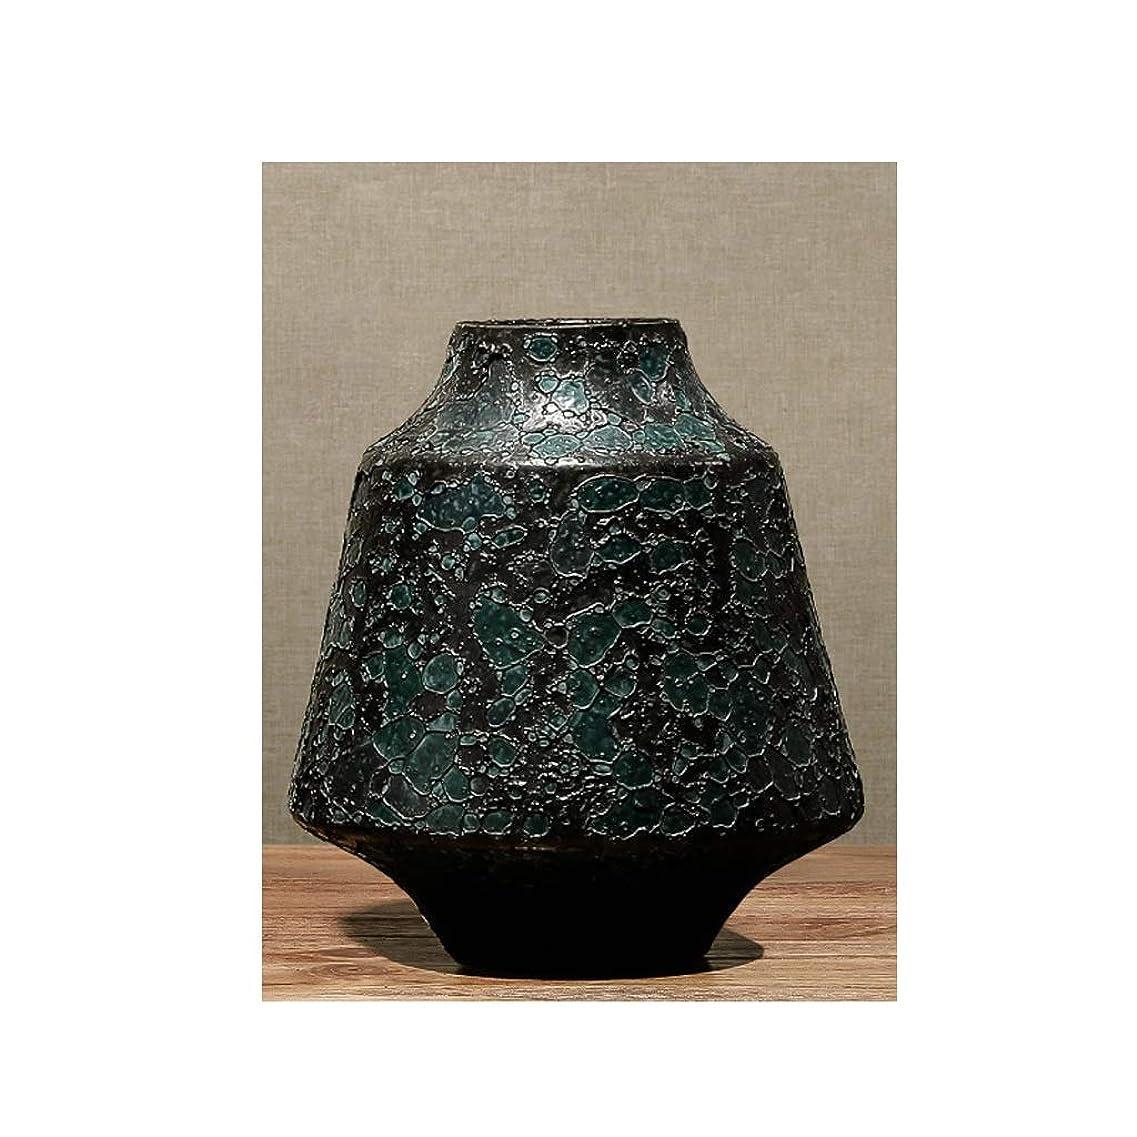 女優自分のためにやけど花器 ユニークなインテリアデザイン 陶磁器の装飾庭の装飾サイズピュアクラフツマンシップセラミック (Size : A high 19.5CM)